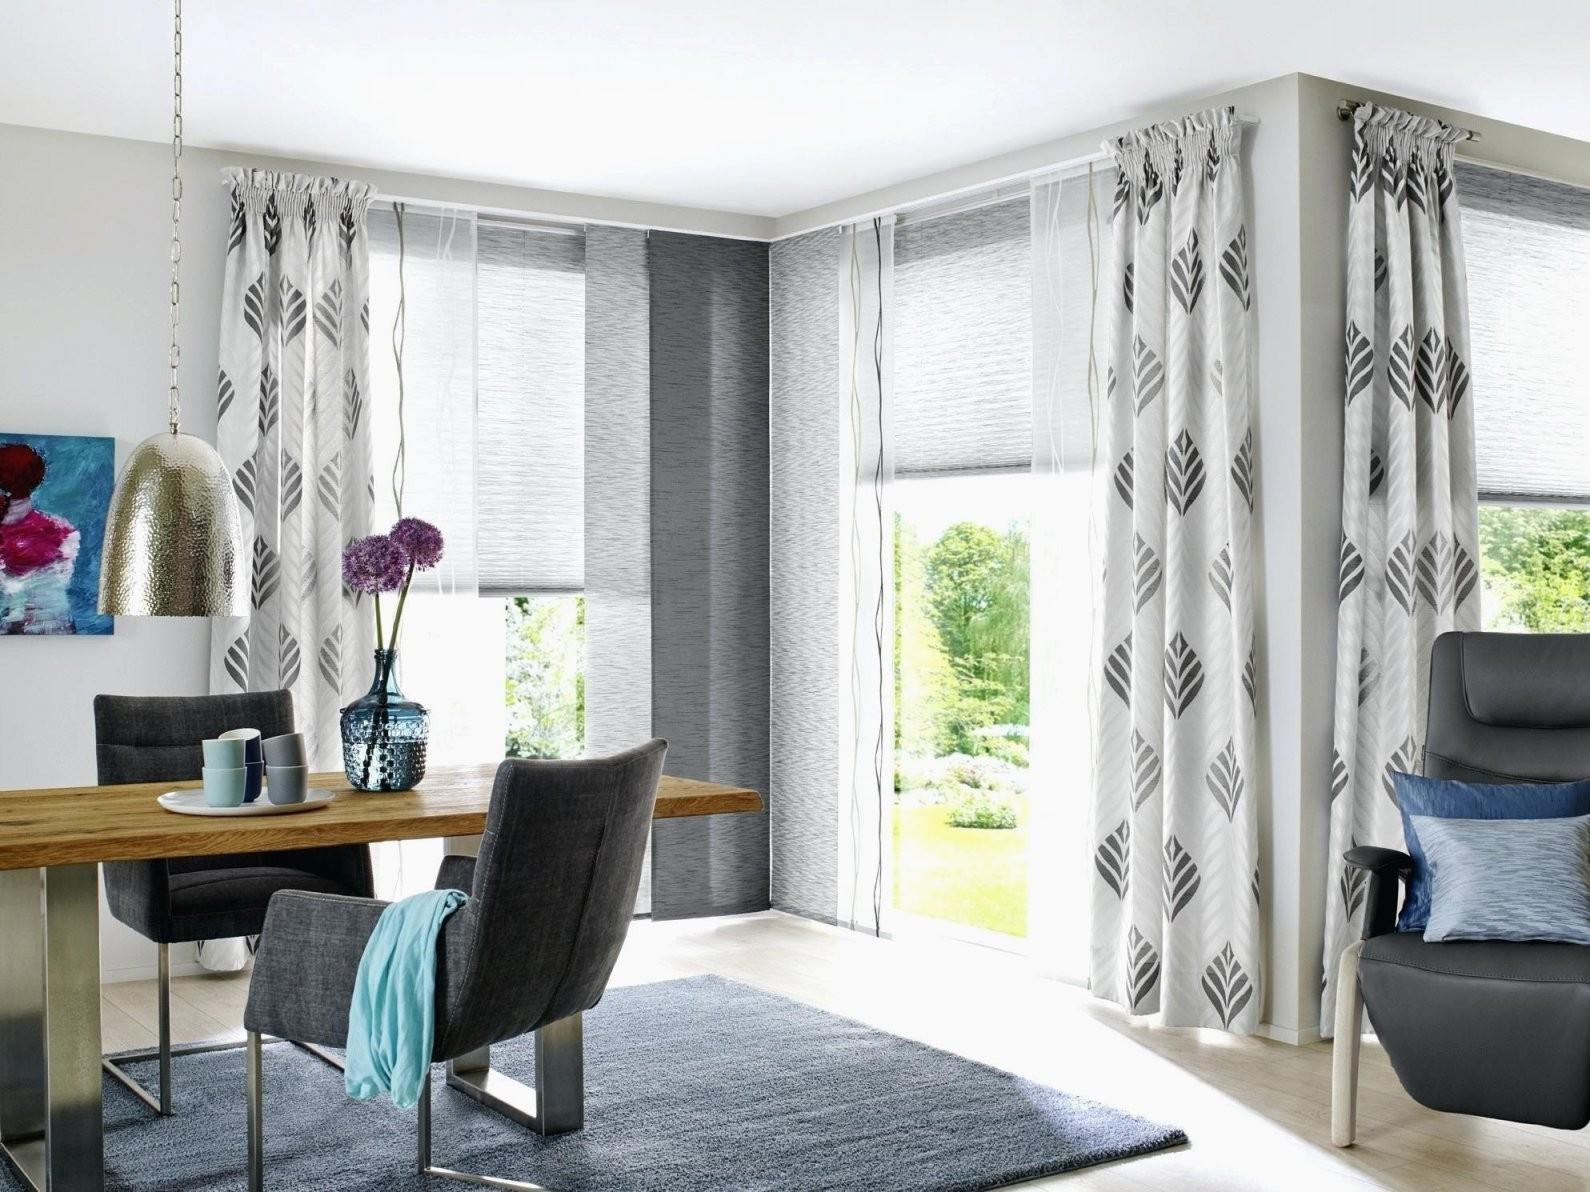 Moderne Gardinen Für Große Fenster Best Of Stilvoll Gardinenideen von Gardinen Ideen Für Große Fenster Photo